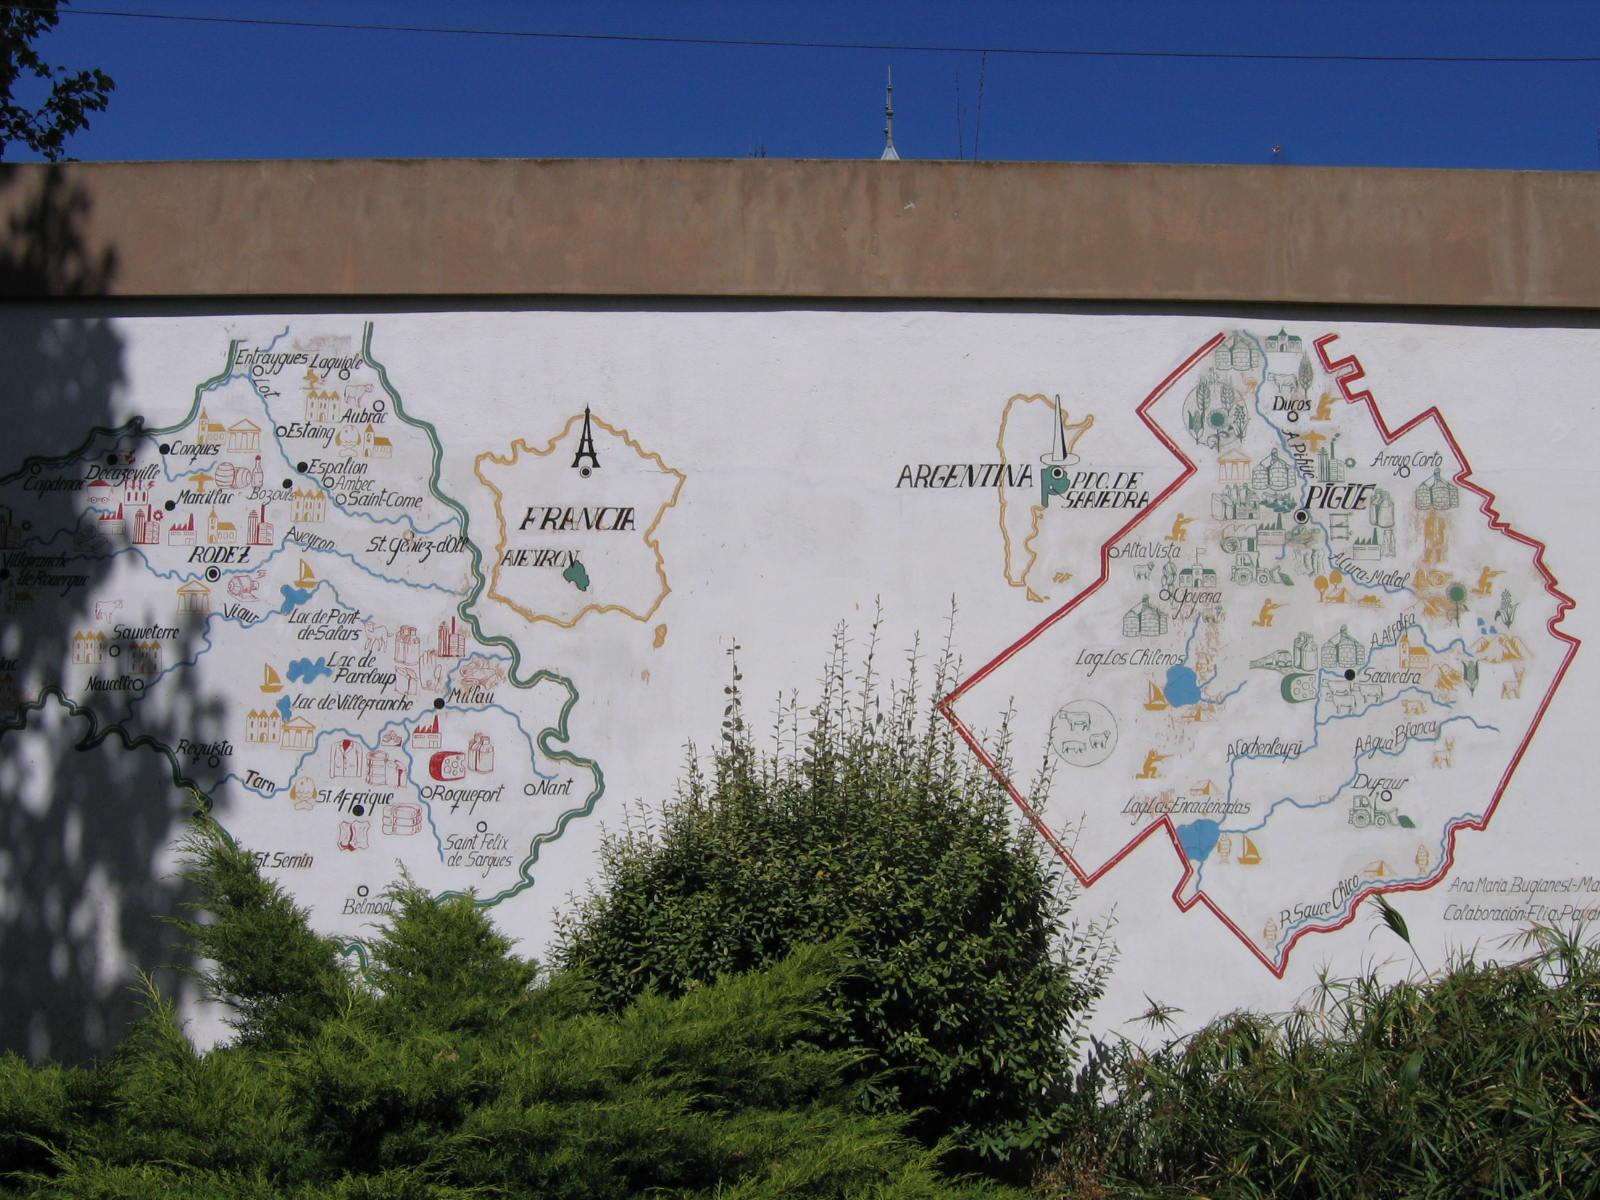 Cartes de l'Aveyron et de Pigüé sur un mur de la ville. Photographie de Jiròni B. CC-BY-SA